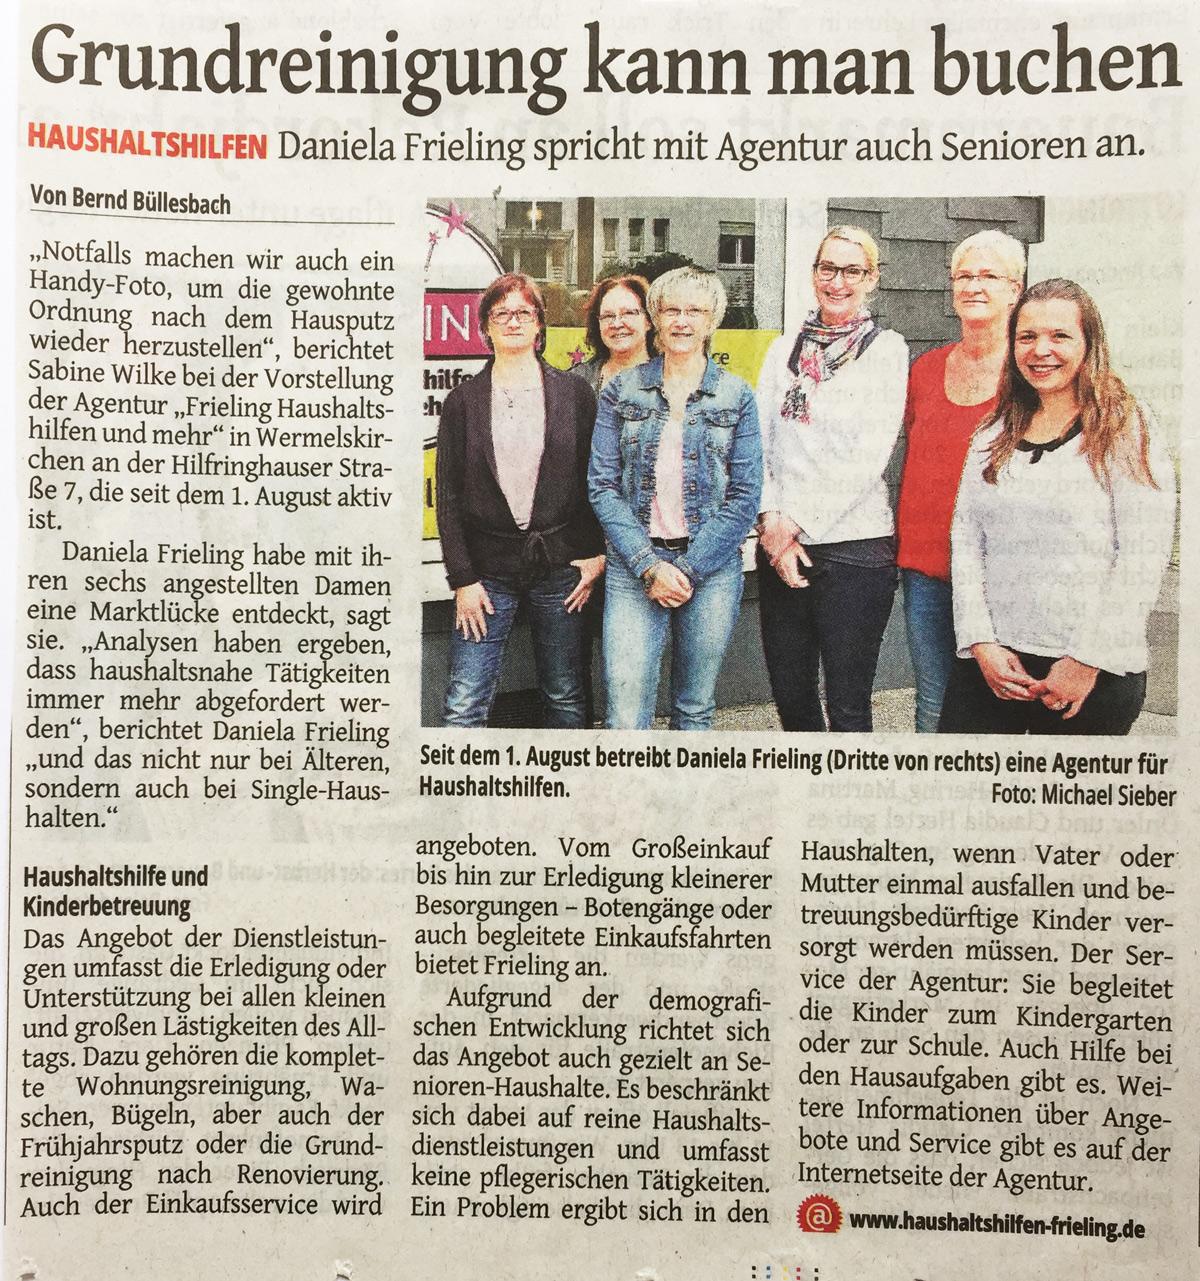 Artikel im Remscheider General-Anzeiger vom 4. August 2015